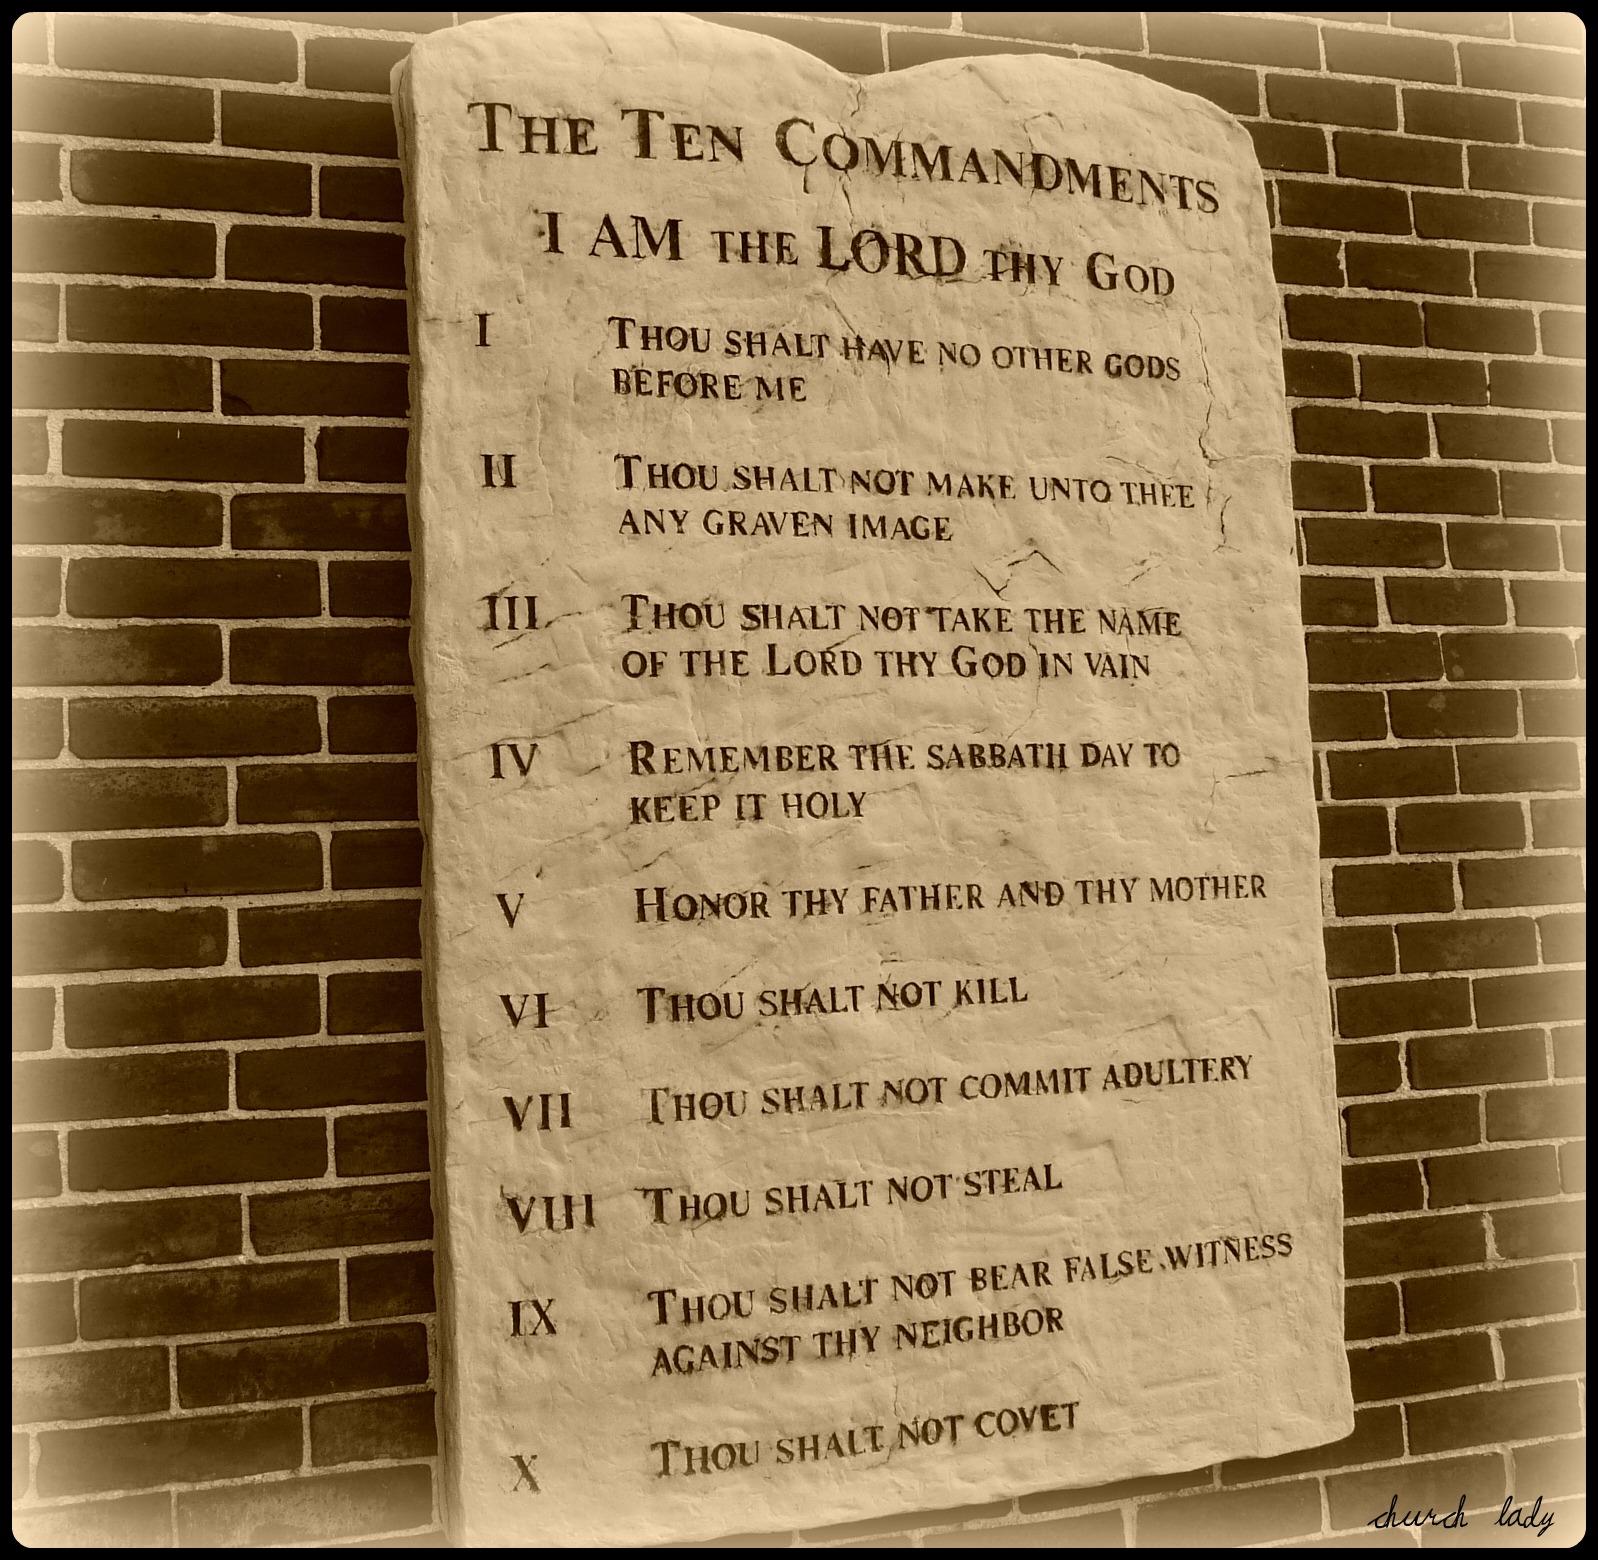 10 Commandments Movie Quotes: Commandments Quotes. QuotesGram